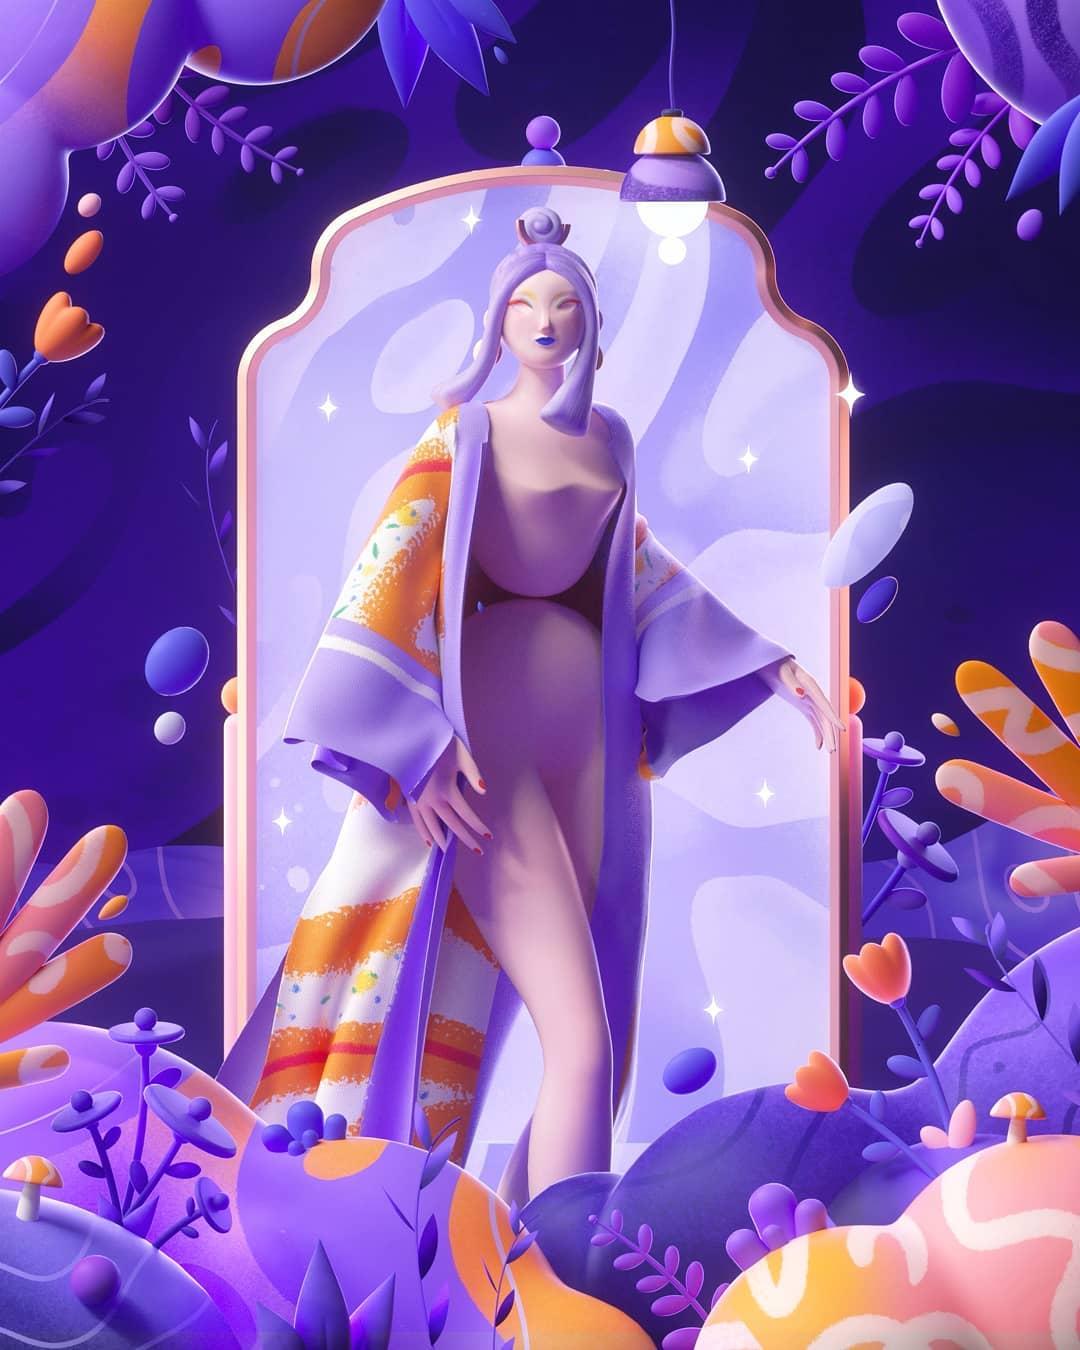 oeuvre de l'artiste mattey, femme devant un miroir